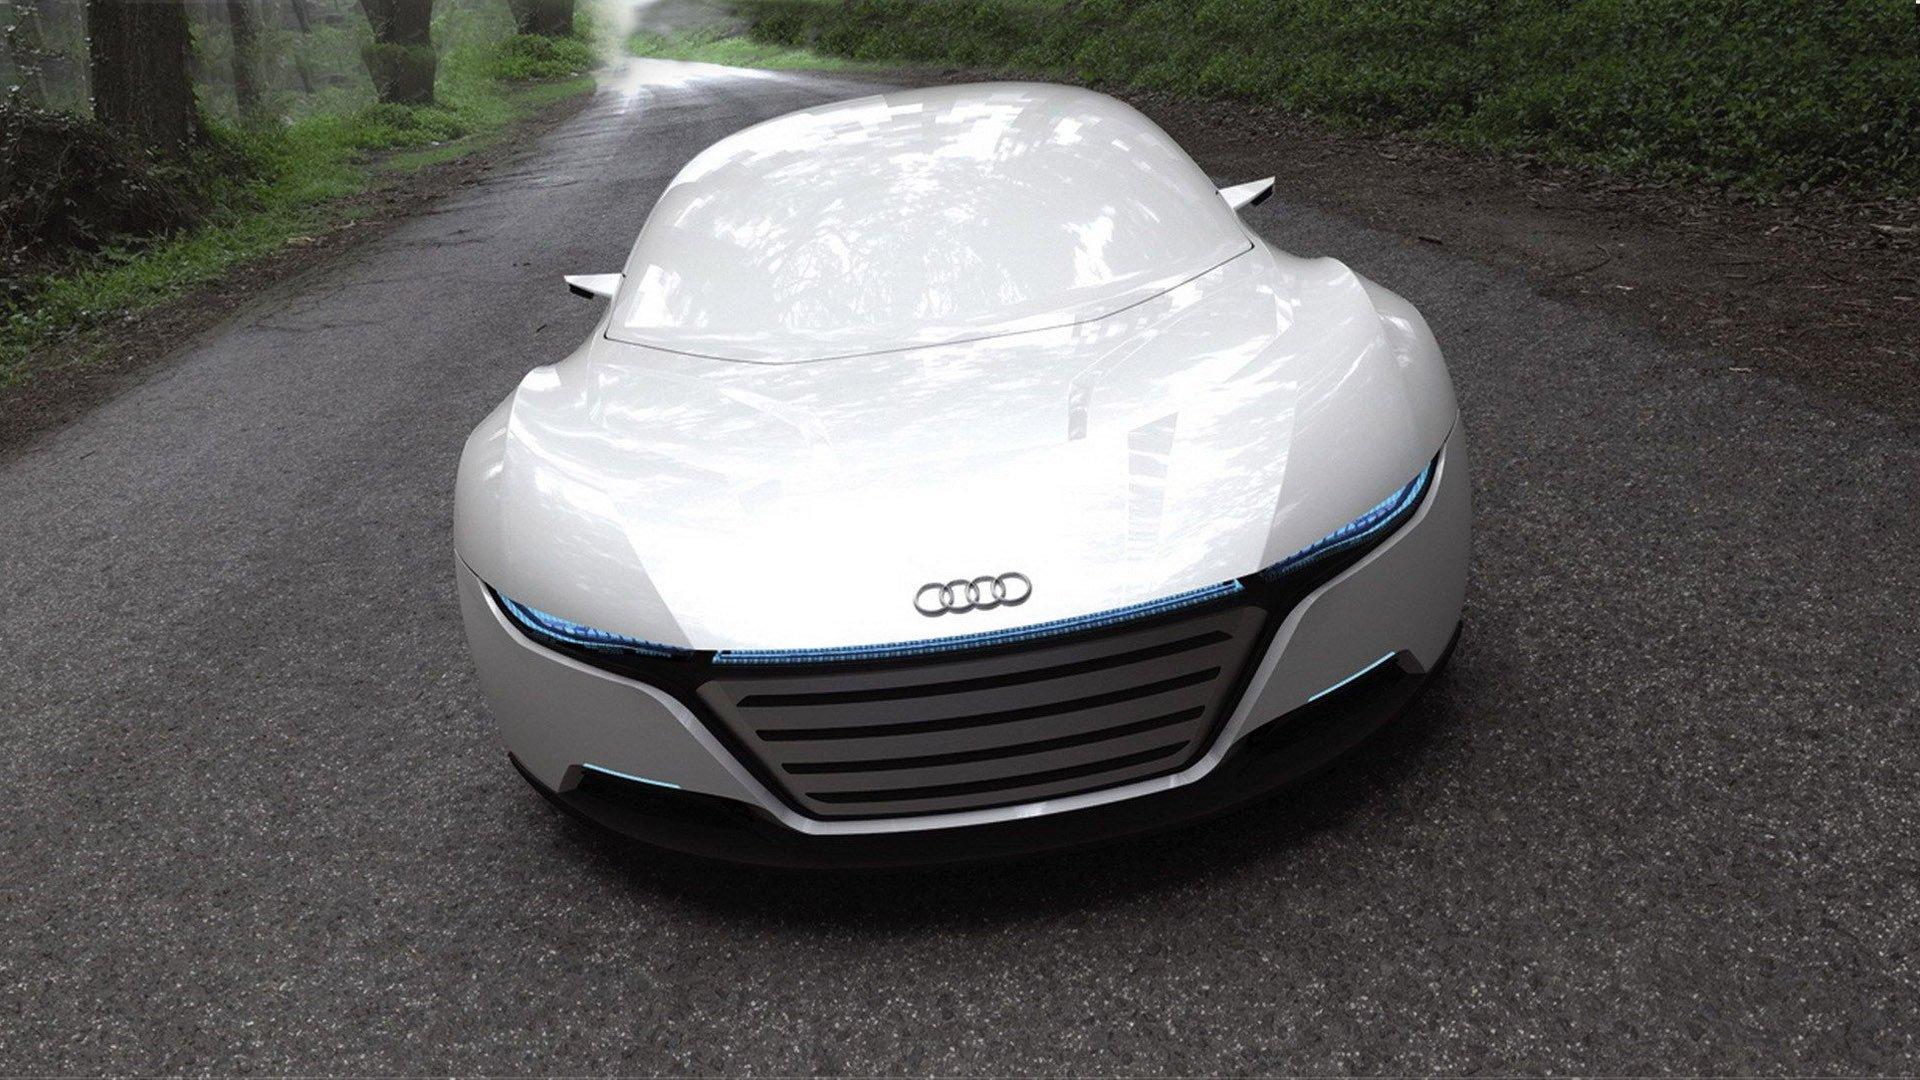 Audi a9 concept car hd wallpaper 9763 wallpaper